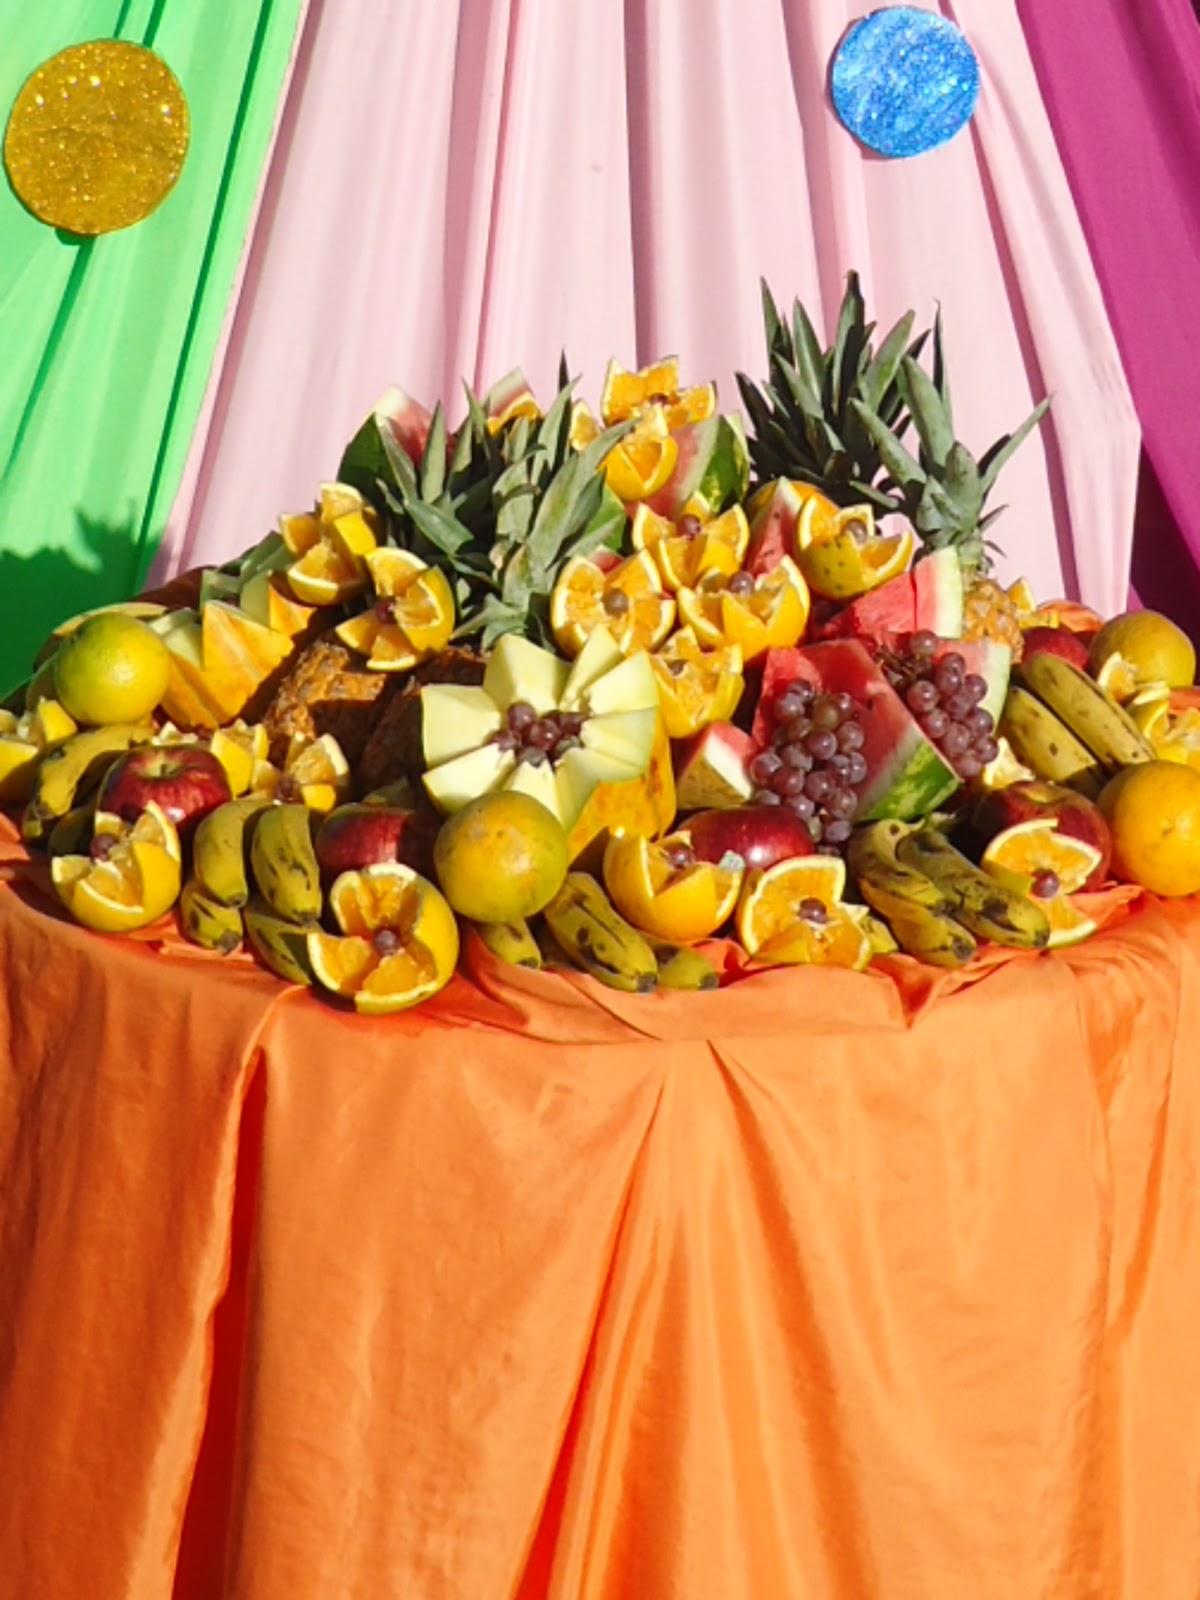 Luly creaciones todo para tus fiestas graduaci n for Secar frutas para decoracion